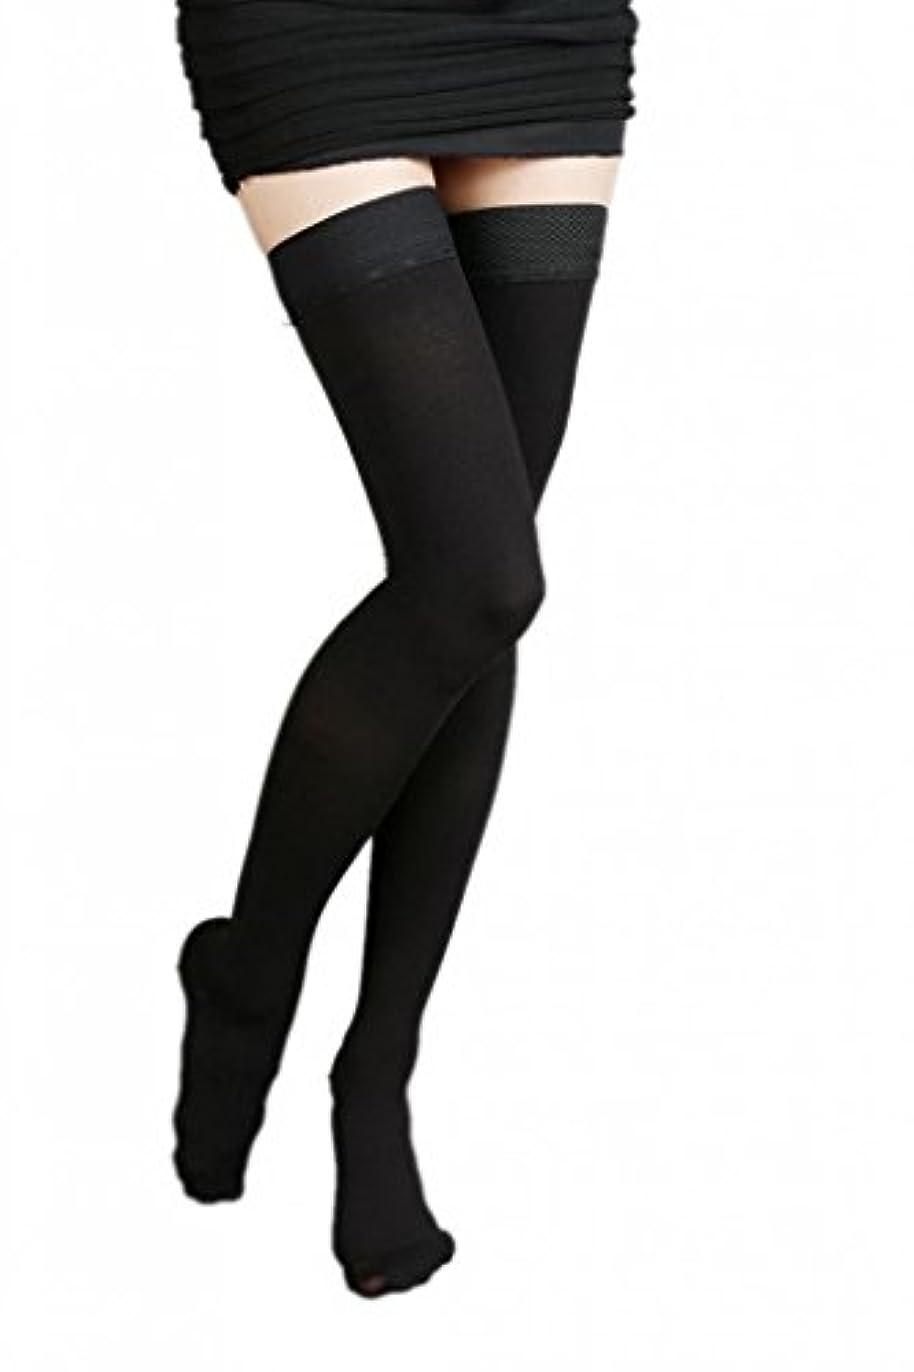 滅びる市民ペイント(ラボーグ)La Vogue 美脚 着圧オーバーニーソックス ハイソックス 靴下 弾性ストッキング つま先あり着圧ソックス XL 3級強圧 黒色